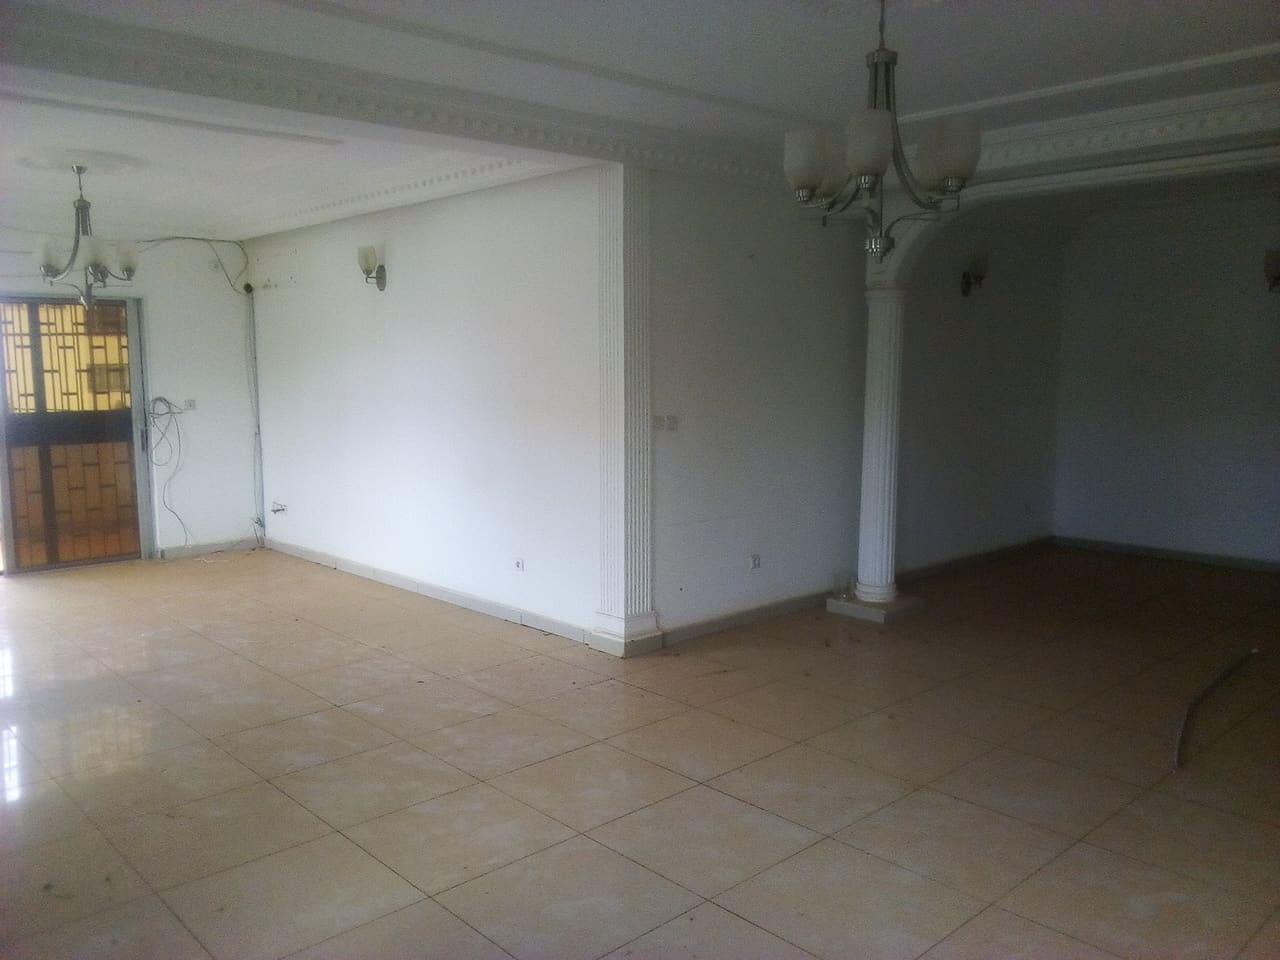 Appartement à louer - Yaoundé, Bastos, golf - 1 salon(s), 3 chambre(s), 4 salle(s) de bains - 700 000 FCFA / mois